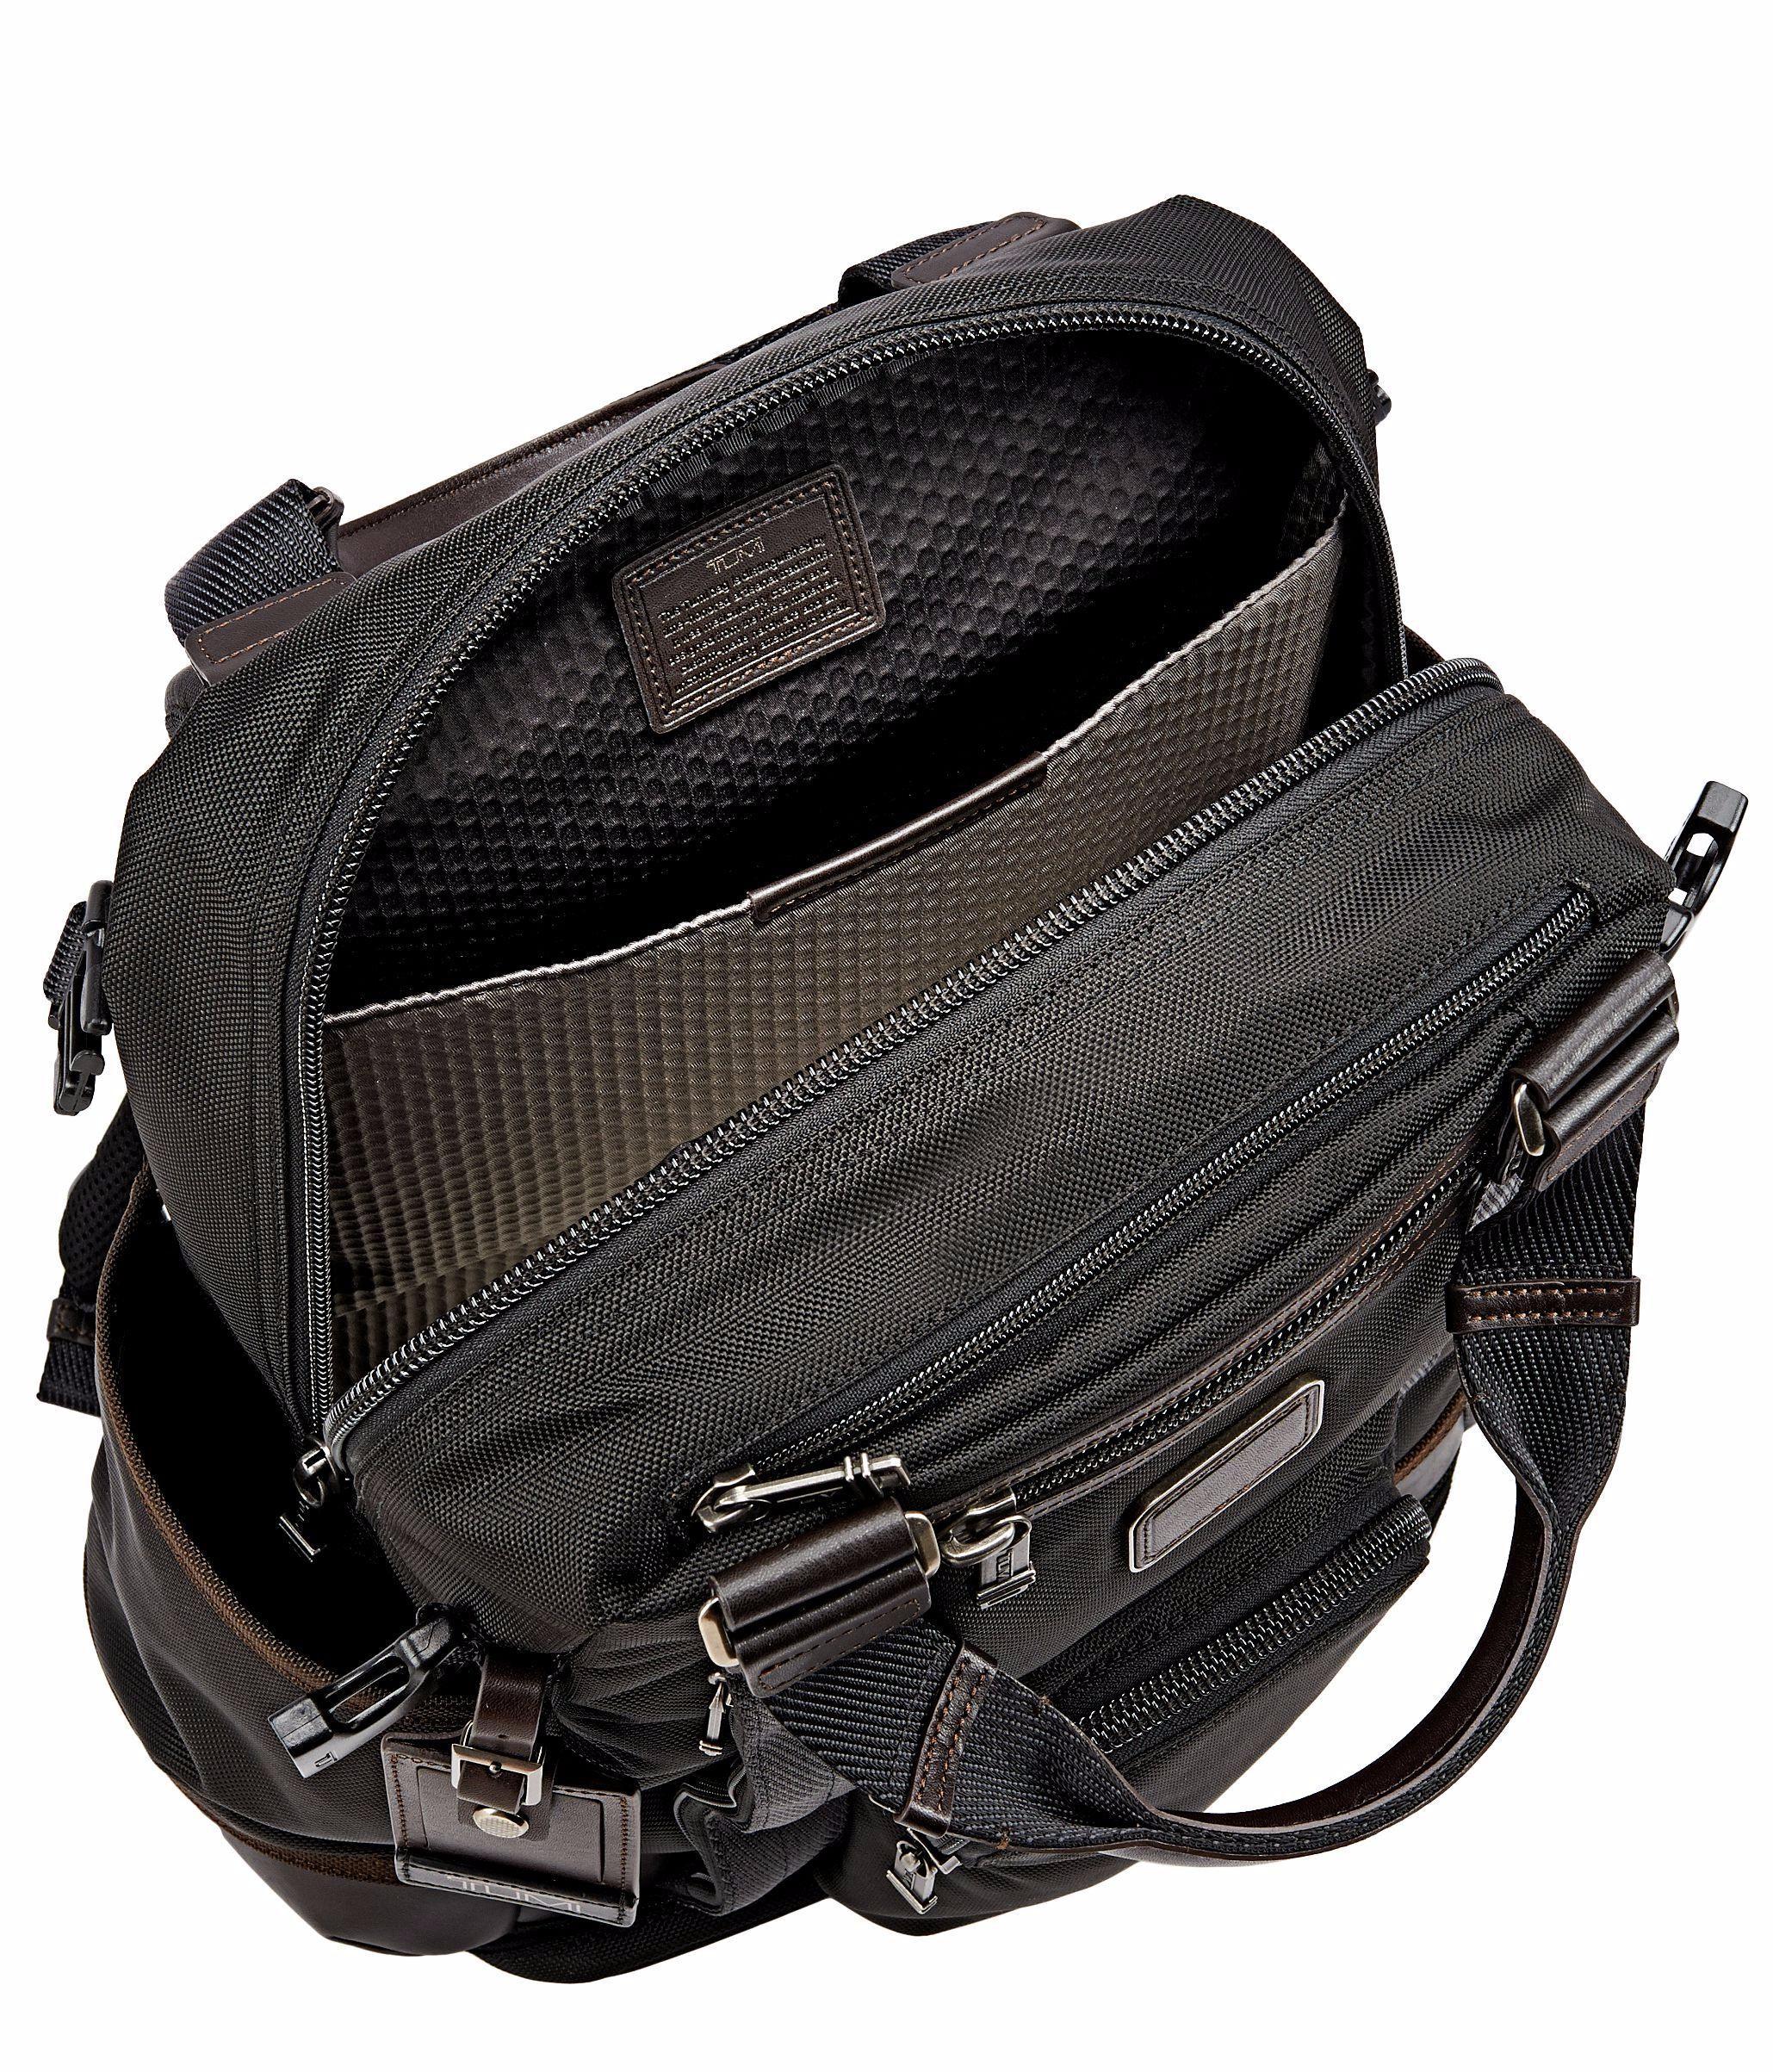 Рюкзаки tumi официальный сайт рюкзак miltec